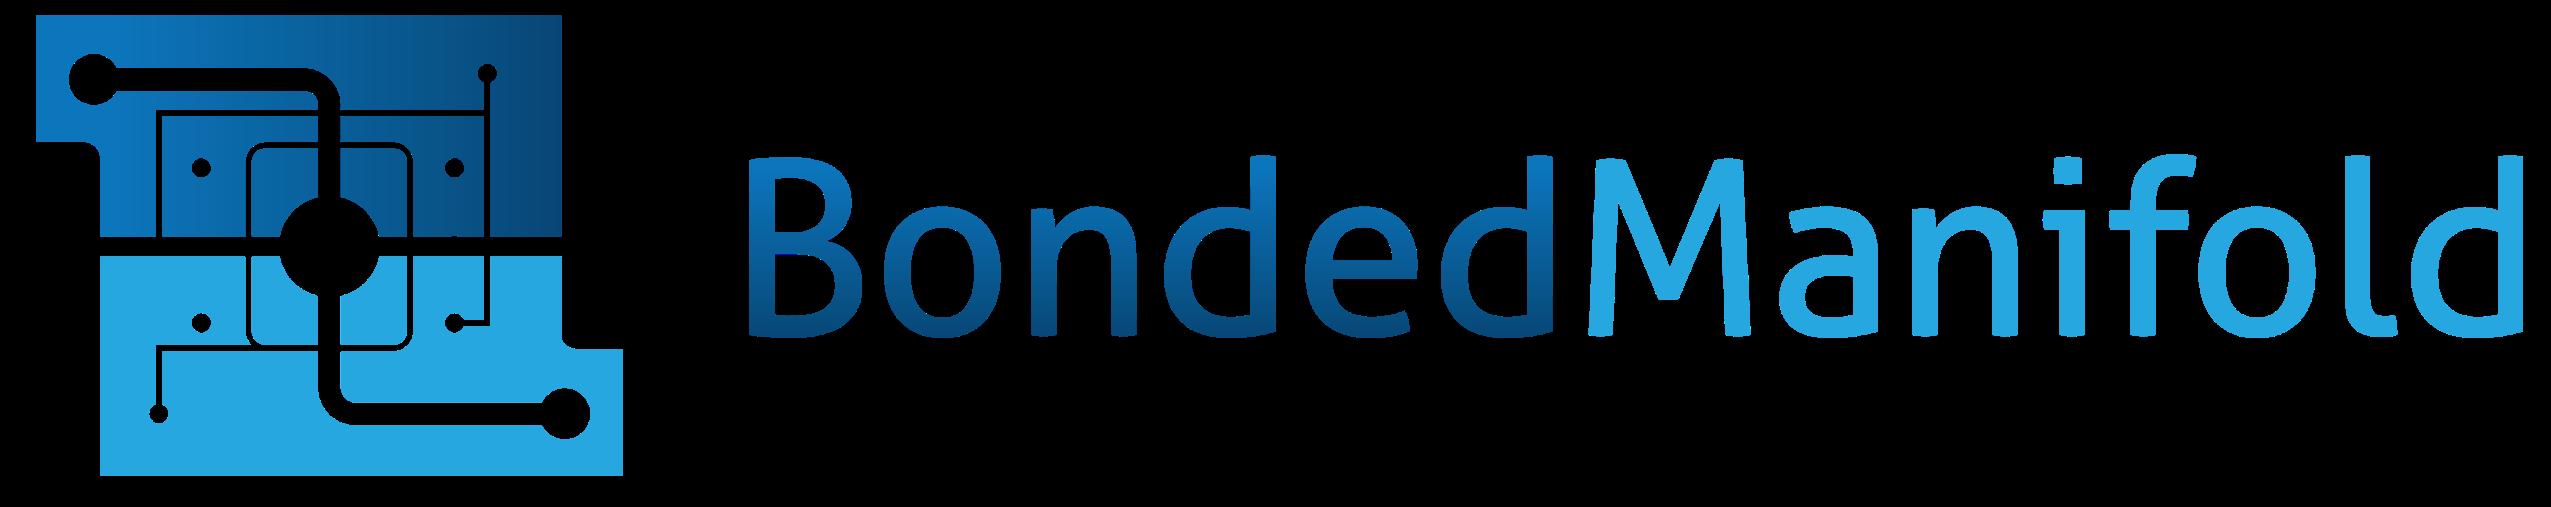 bonded-manifold-logo-web-2